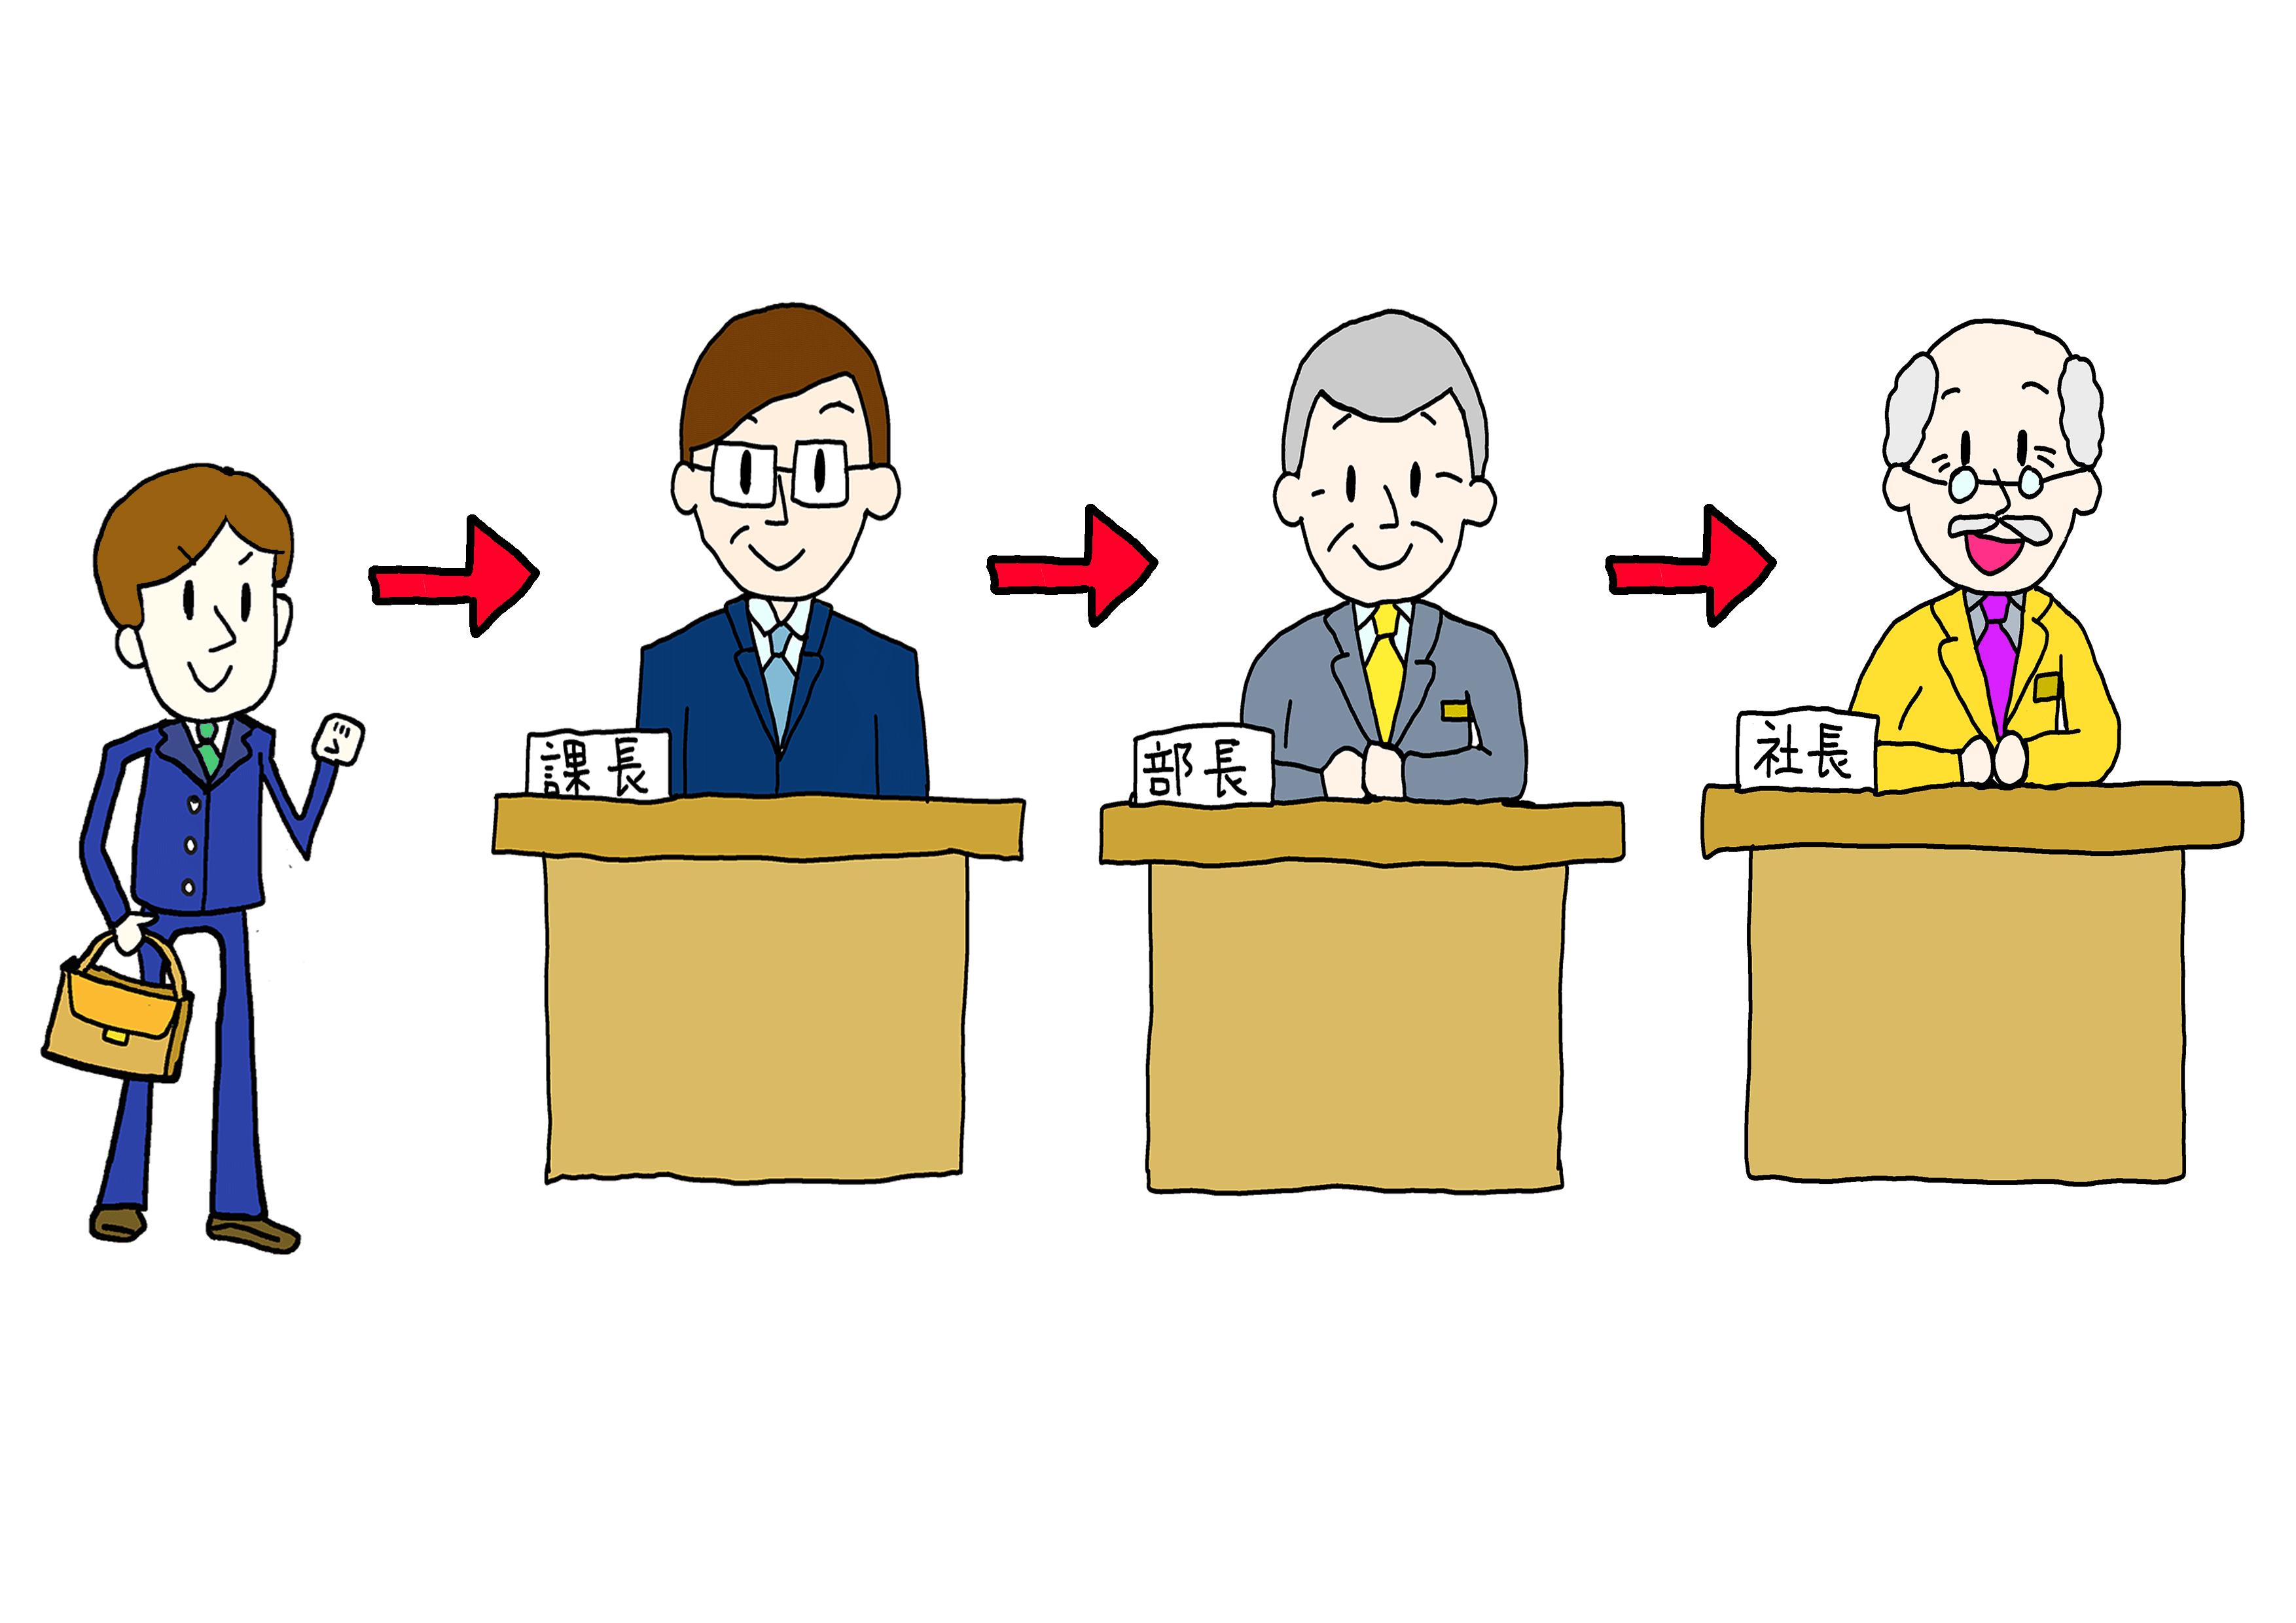 イラスト【課長/部長/社長/昇進】